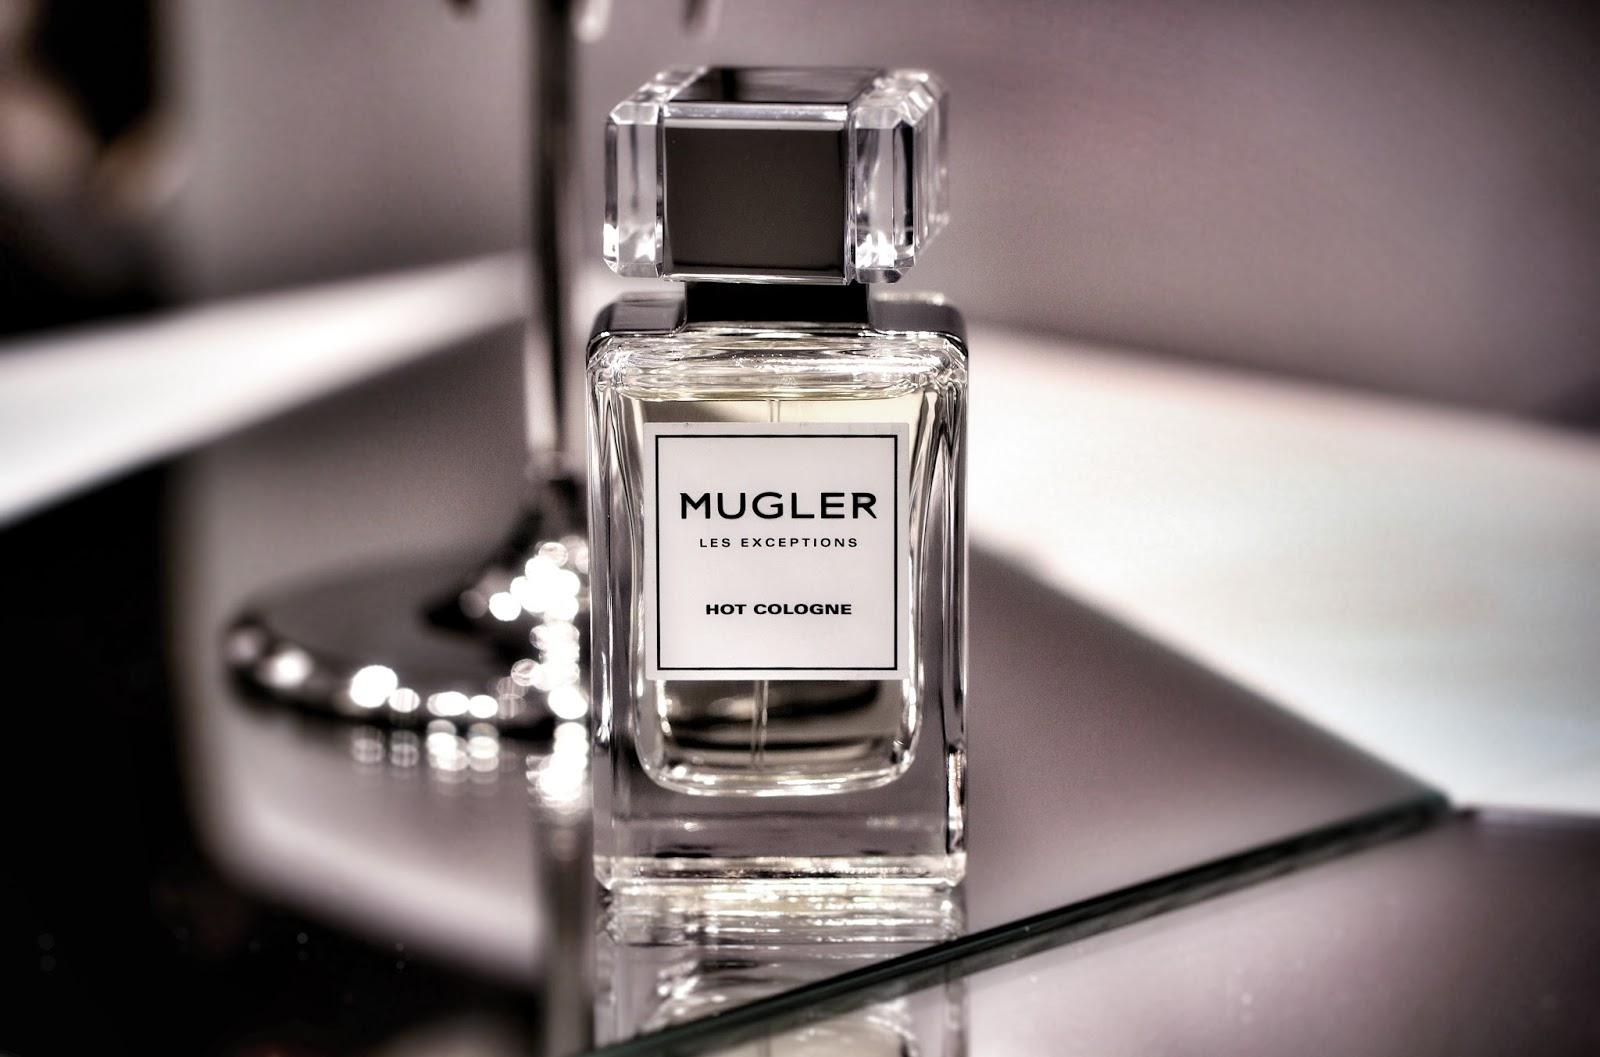 thierry mugler les exceptions hot cologne parfum avis test